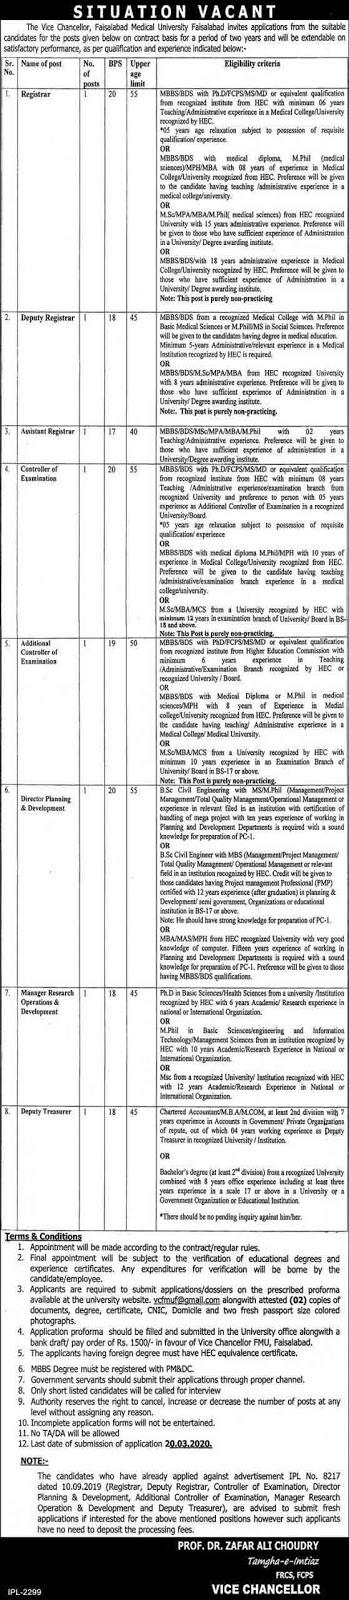 Faisalabad Medical University Jobs For Registrar, Deputy Treasurer  2020